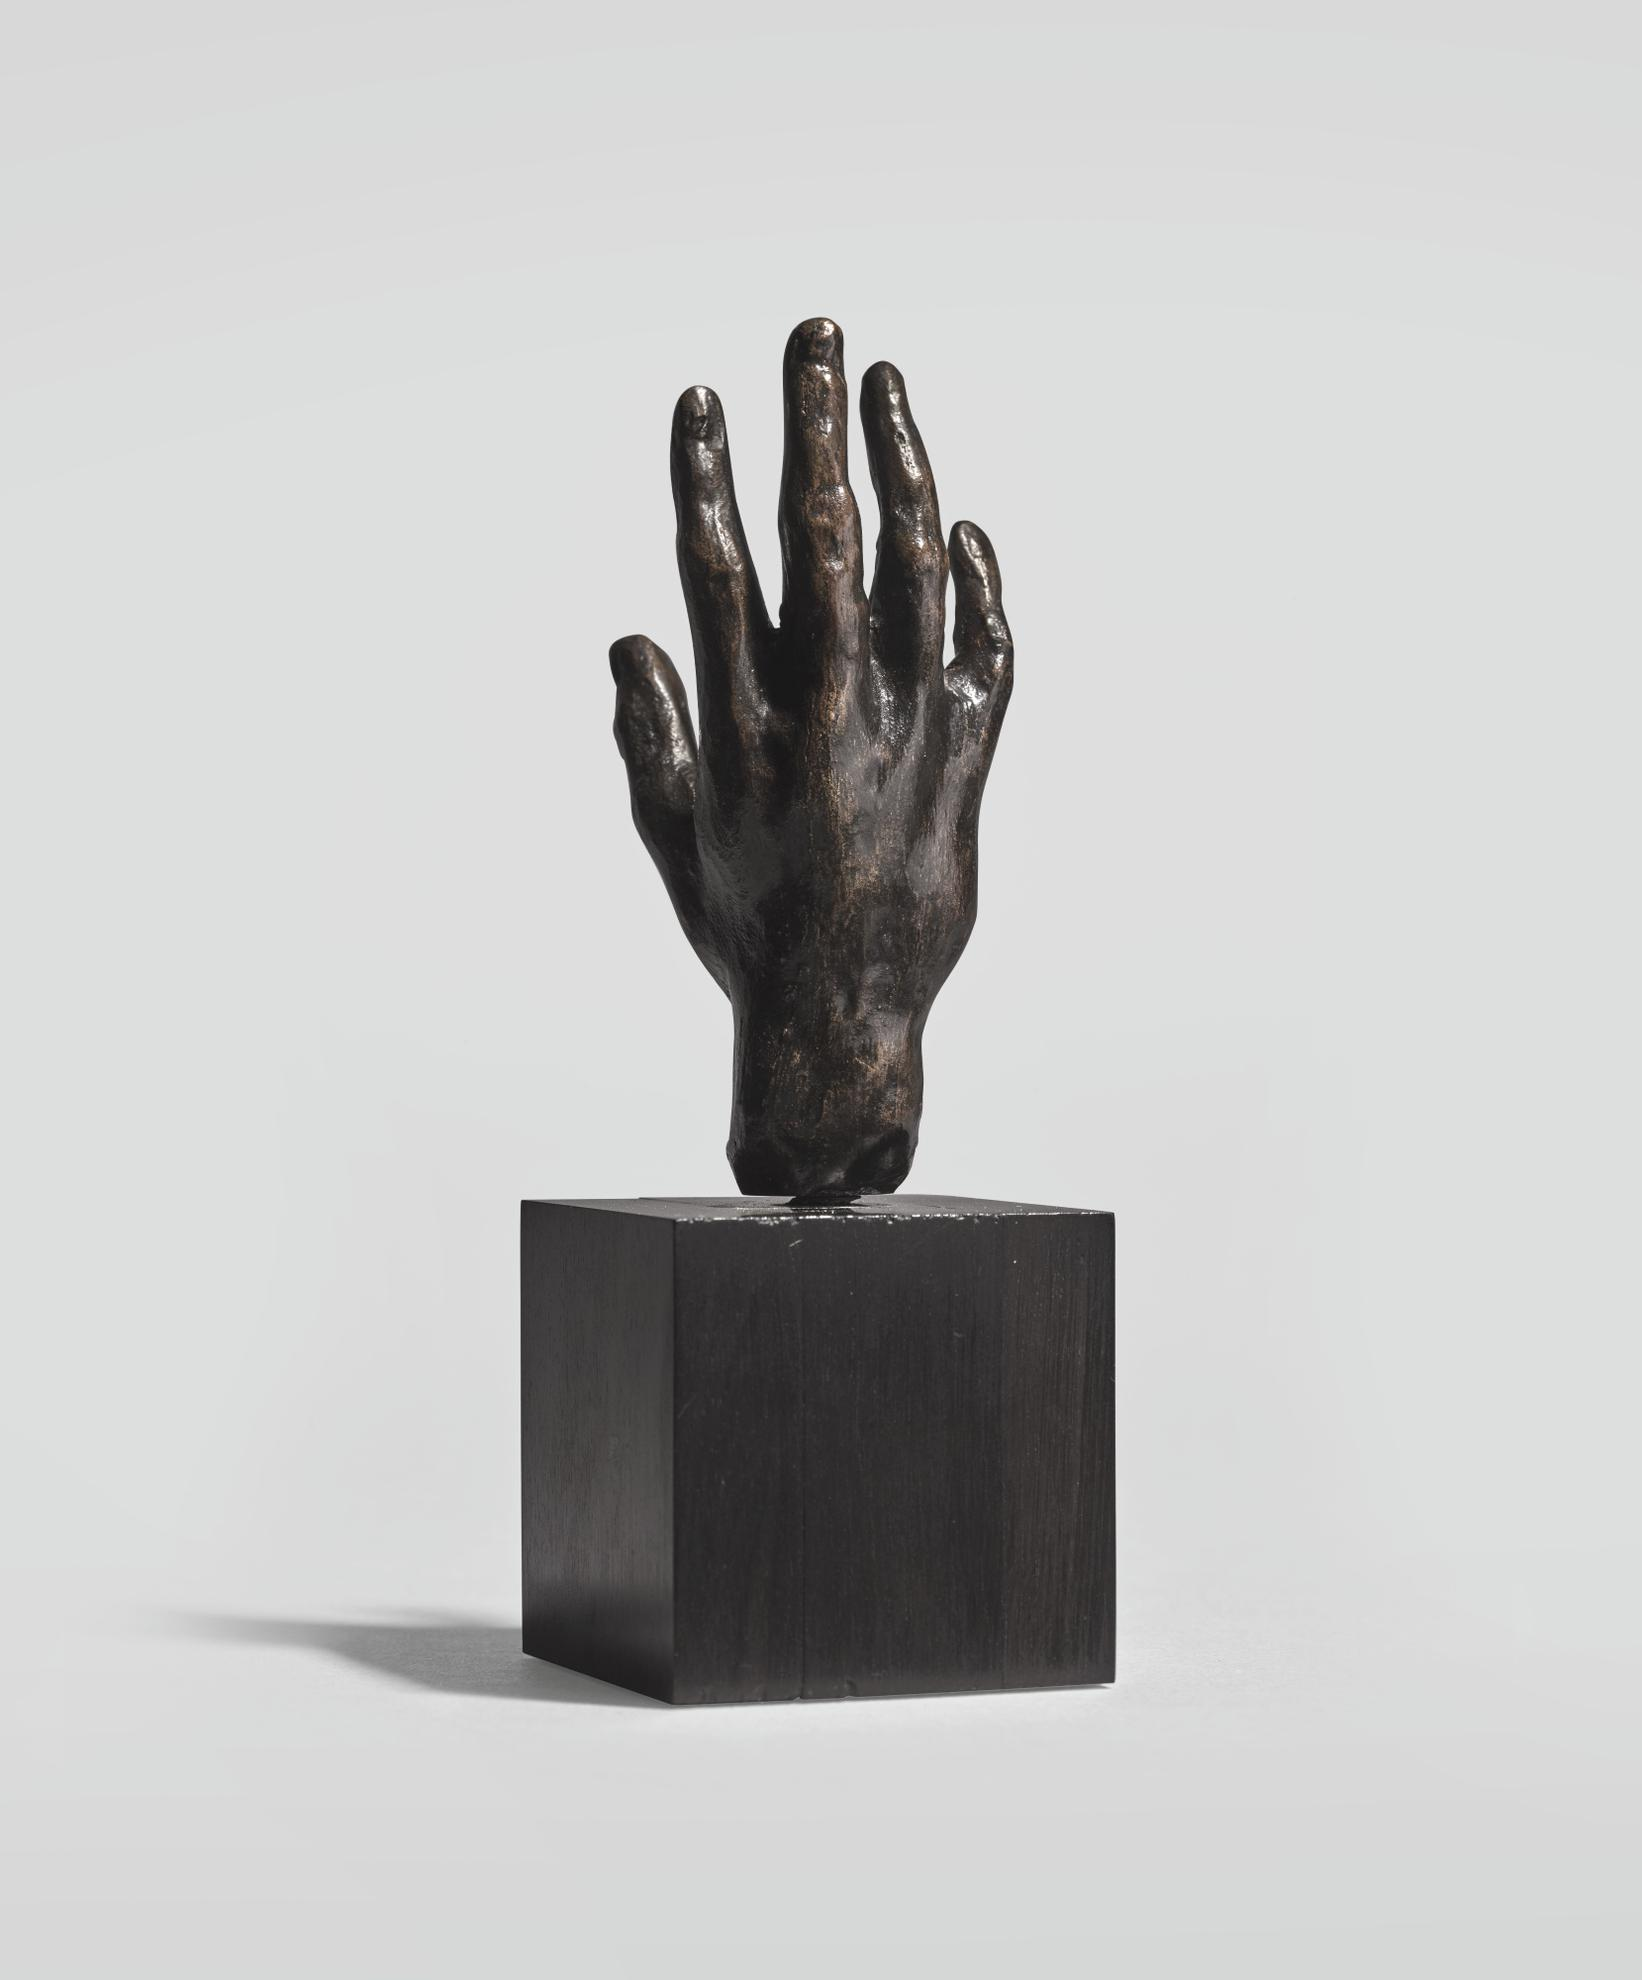 Auguste Rodin-Main Droite No. 32, Petite Modele-1885